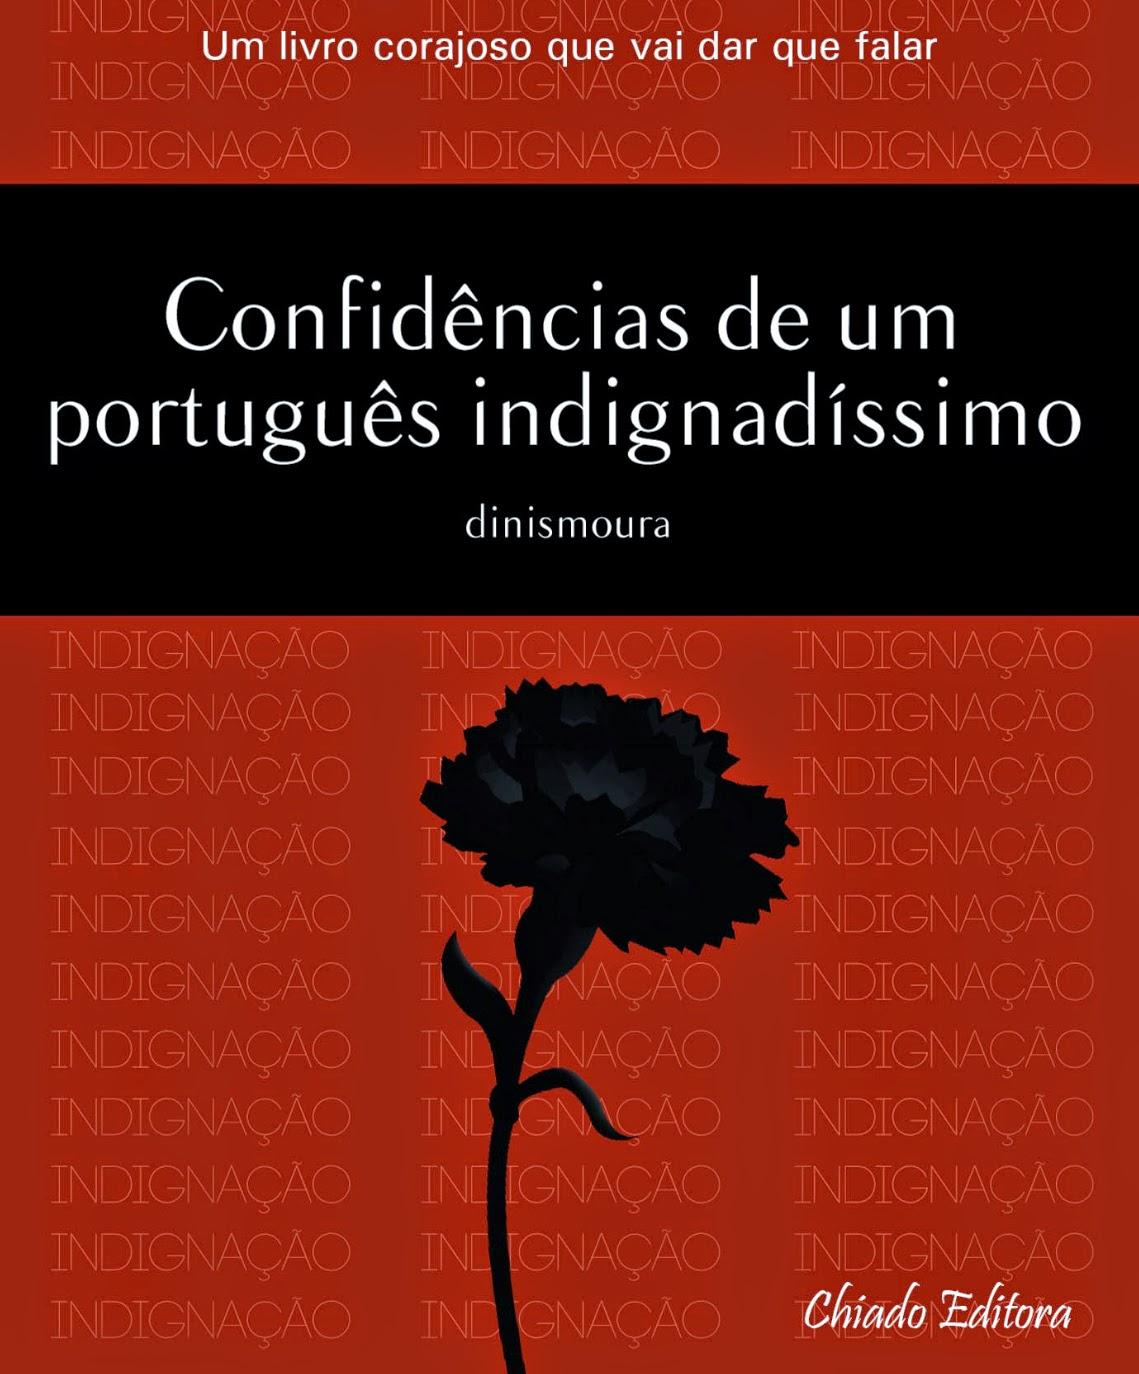 Confidências de um português indignadíssimo